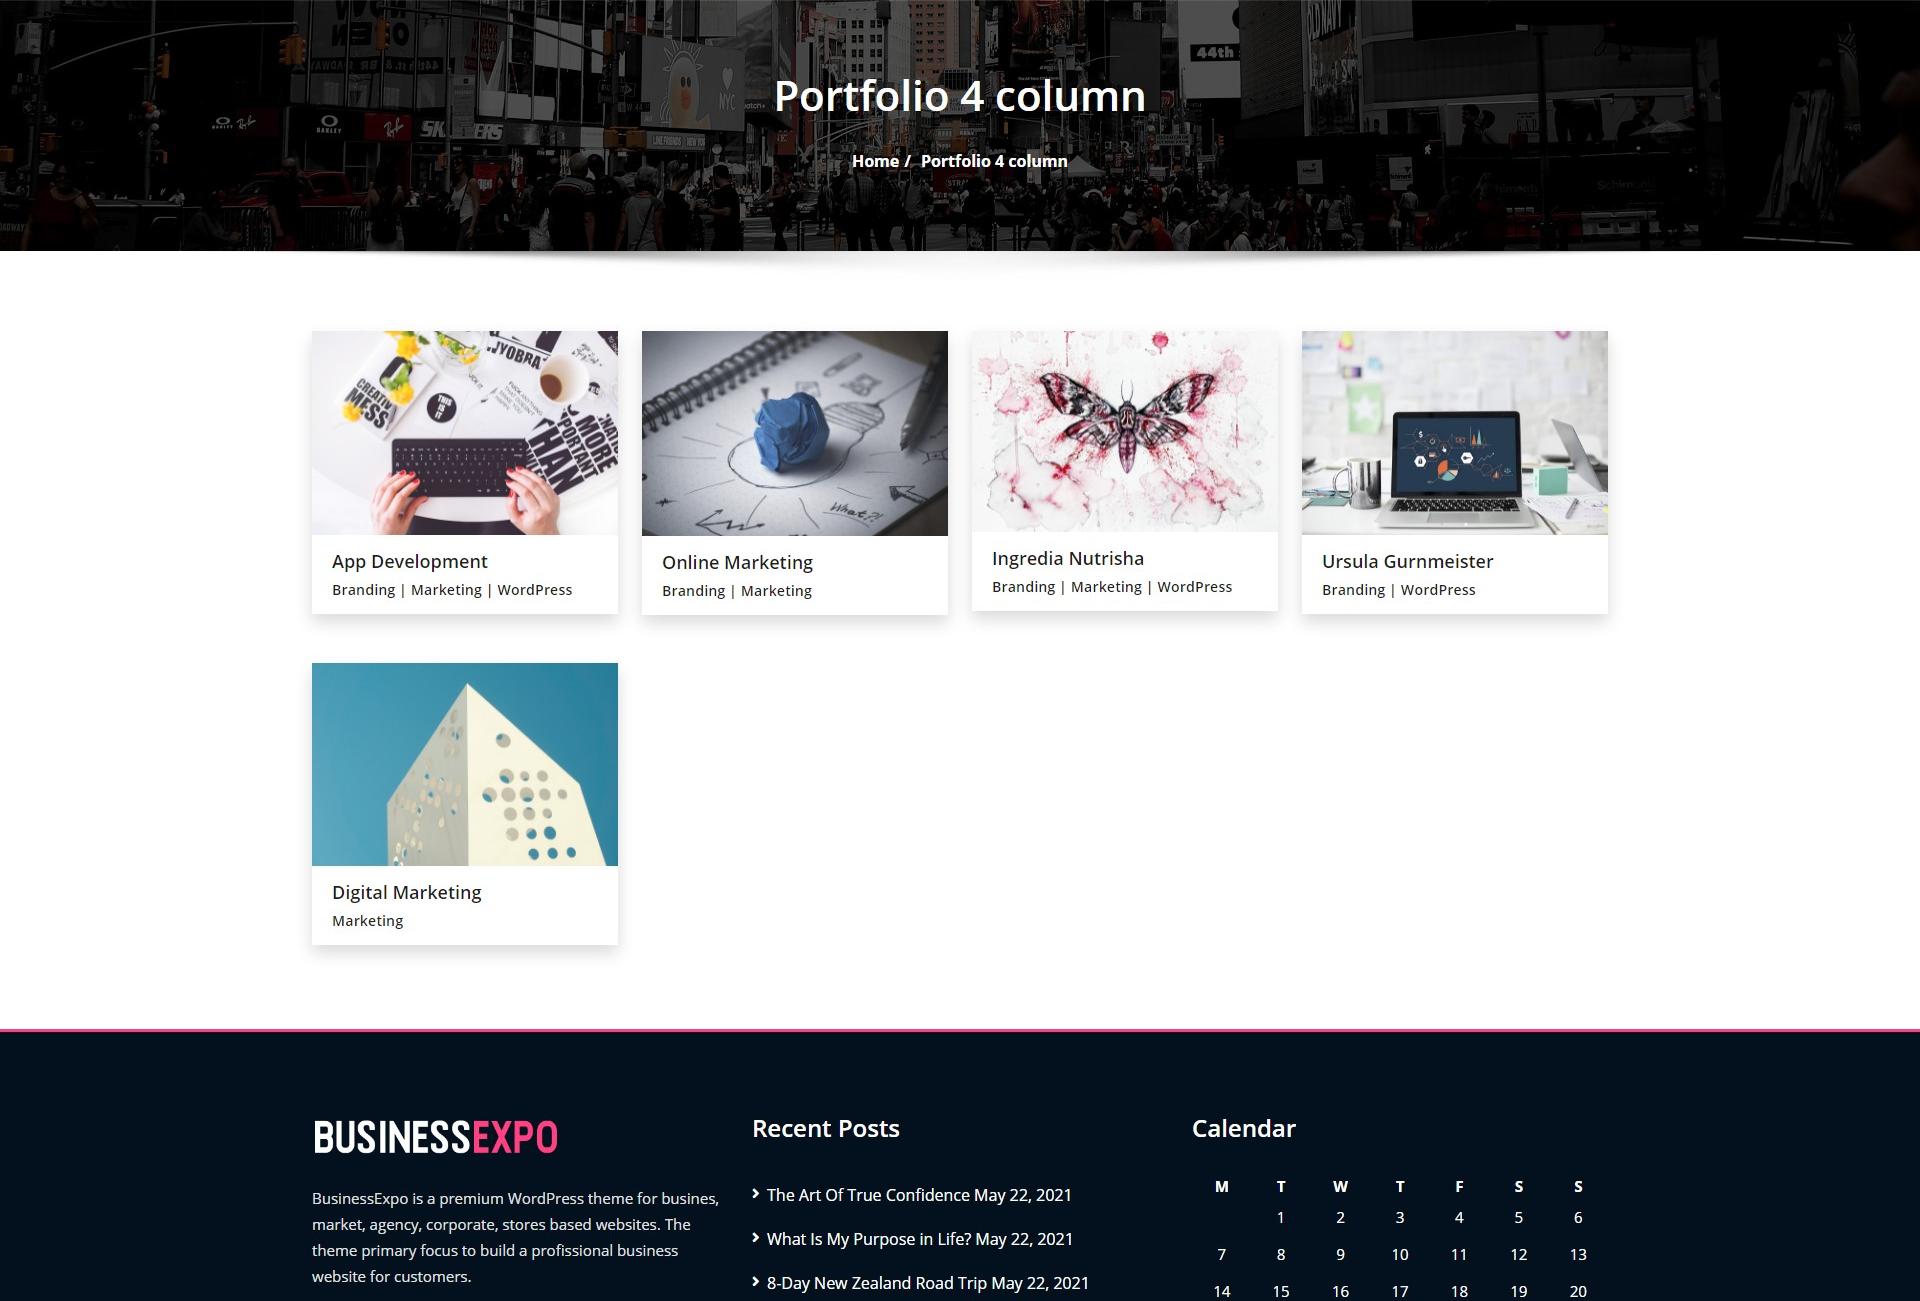 businessexpo-portfolio-4-column